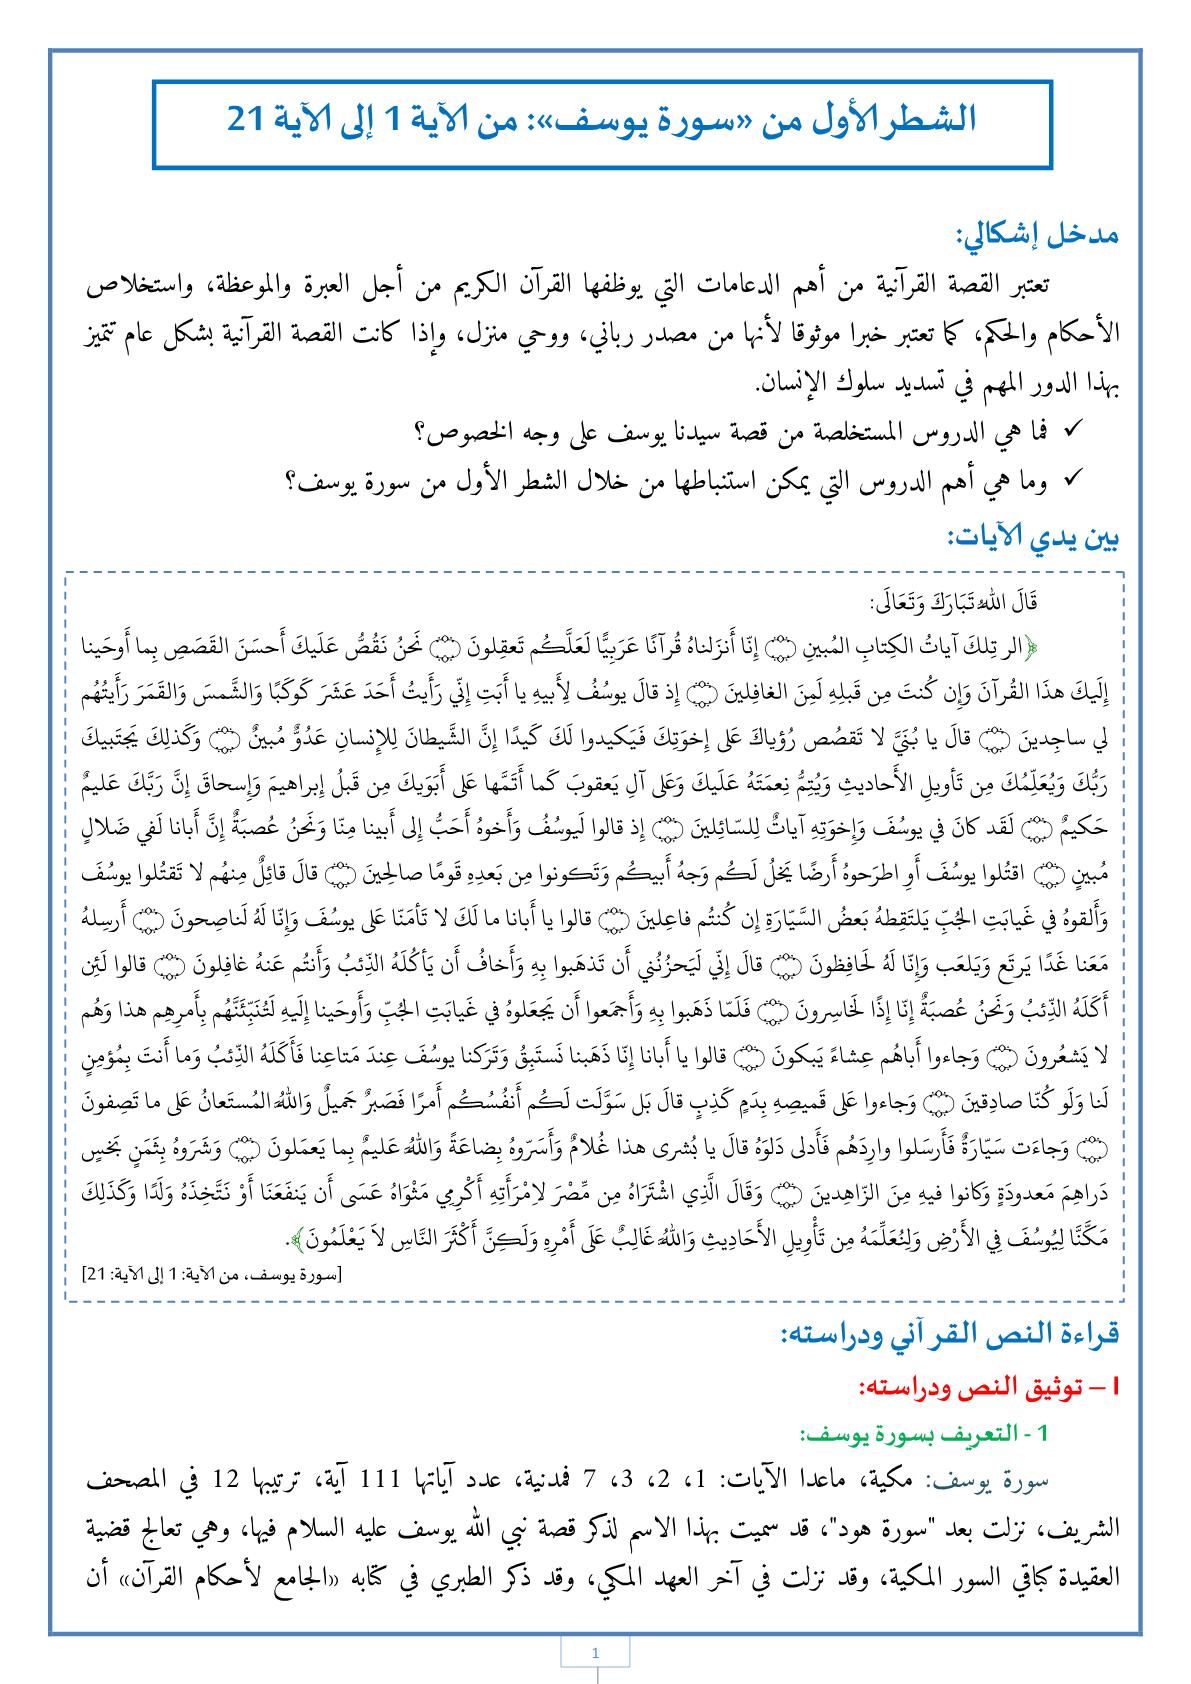 الجزء الأول من سورة يوسف قرآن الكريم اولى باك